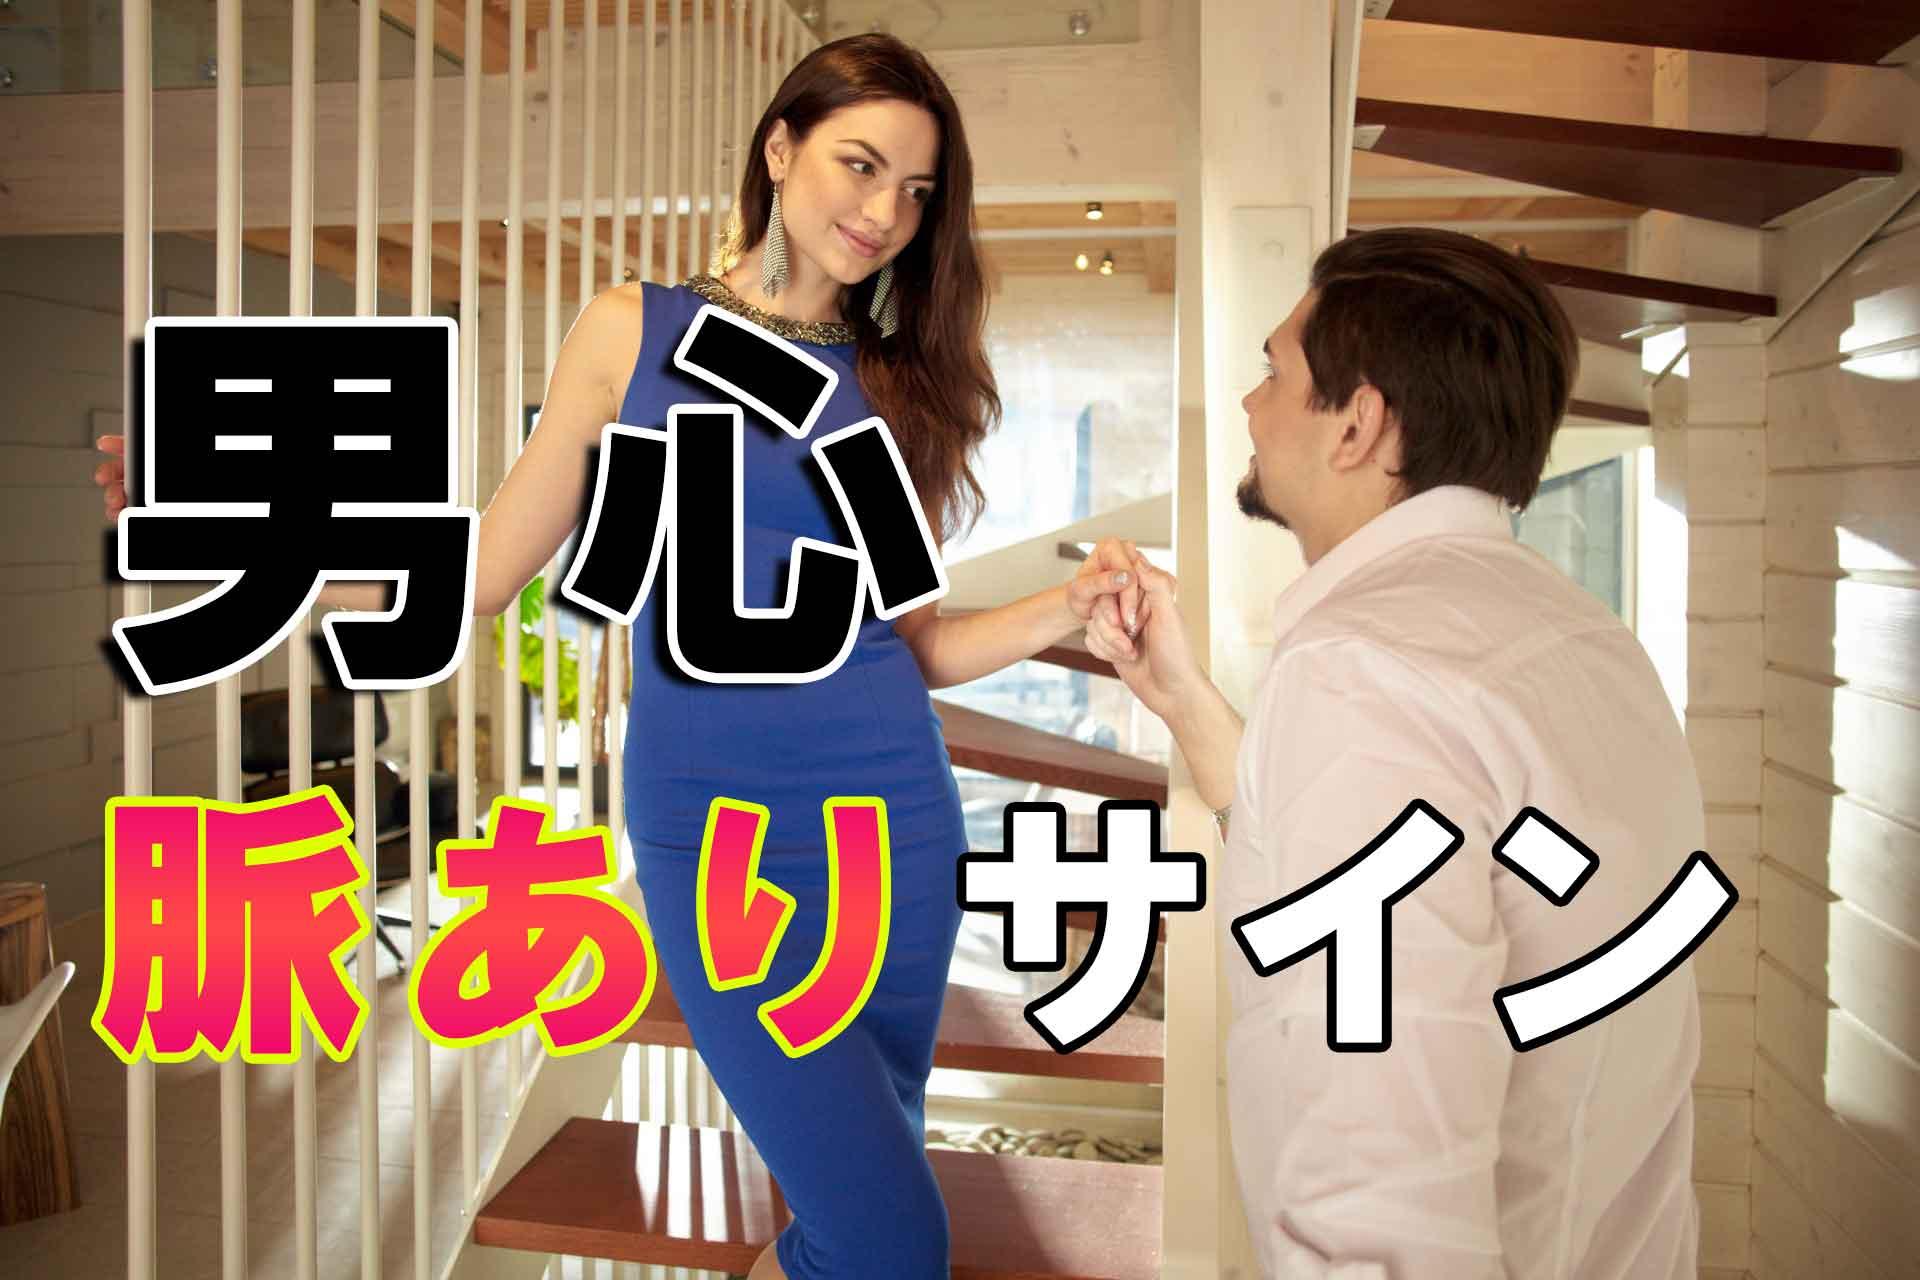 「男心脈ありサイン」と書かれたテキストと、階段を下りる女性をエスコートする外国人男性